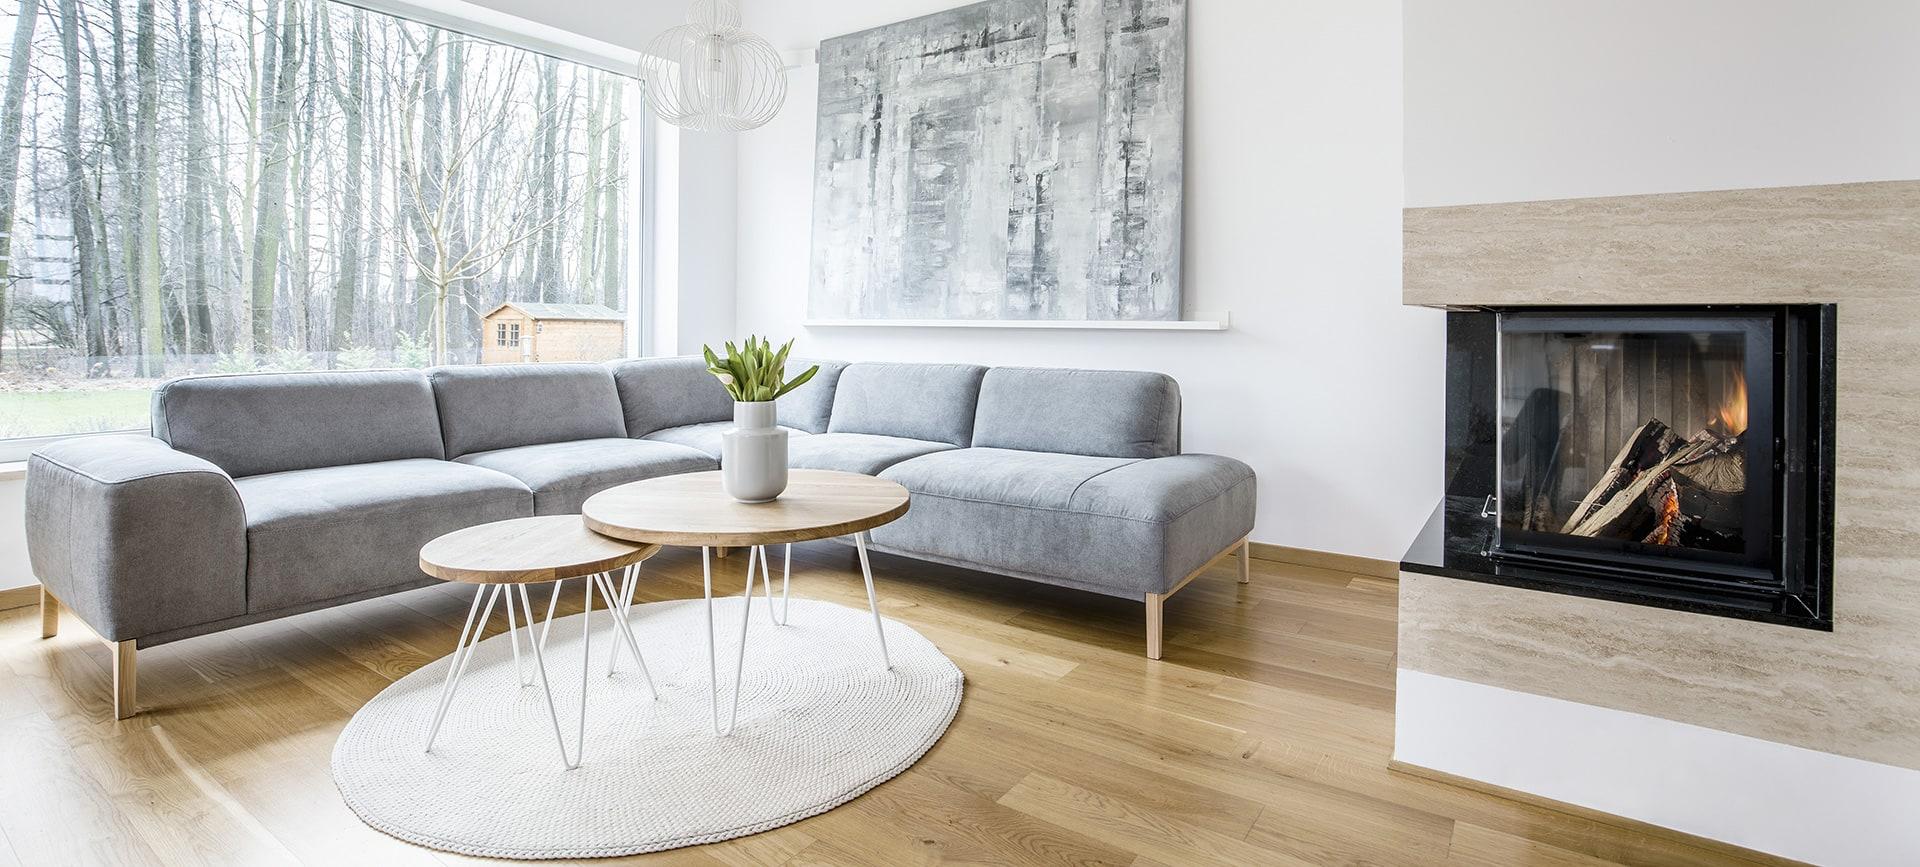 idee per arredare un soggiorno moderno. 20 Idee Per Arredare Il Soggiorno Di Casa